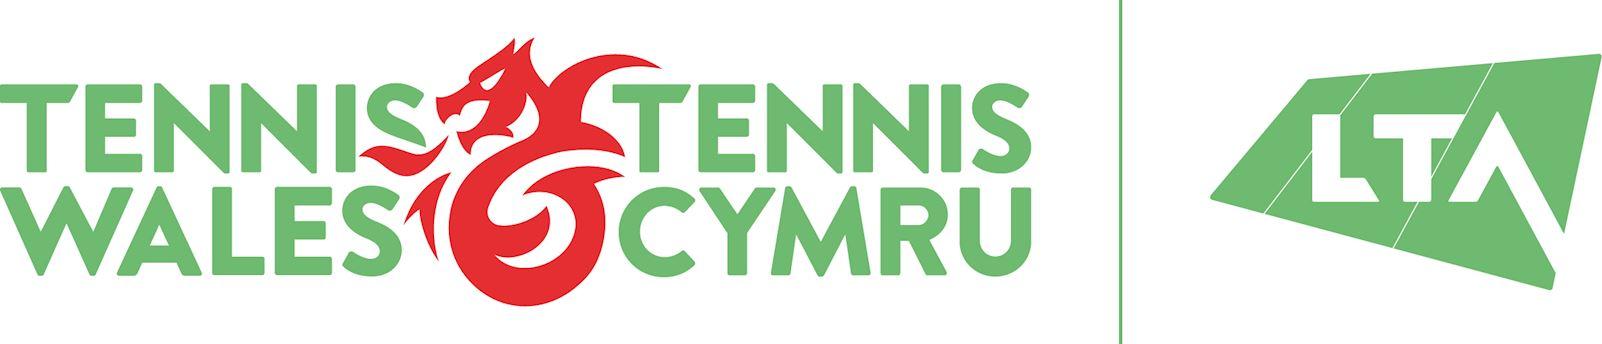 Tennis Wales Ltd